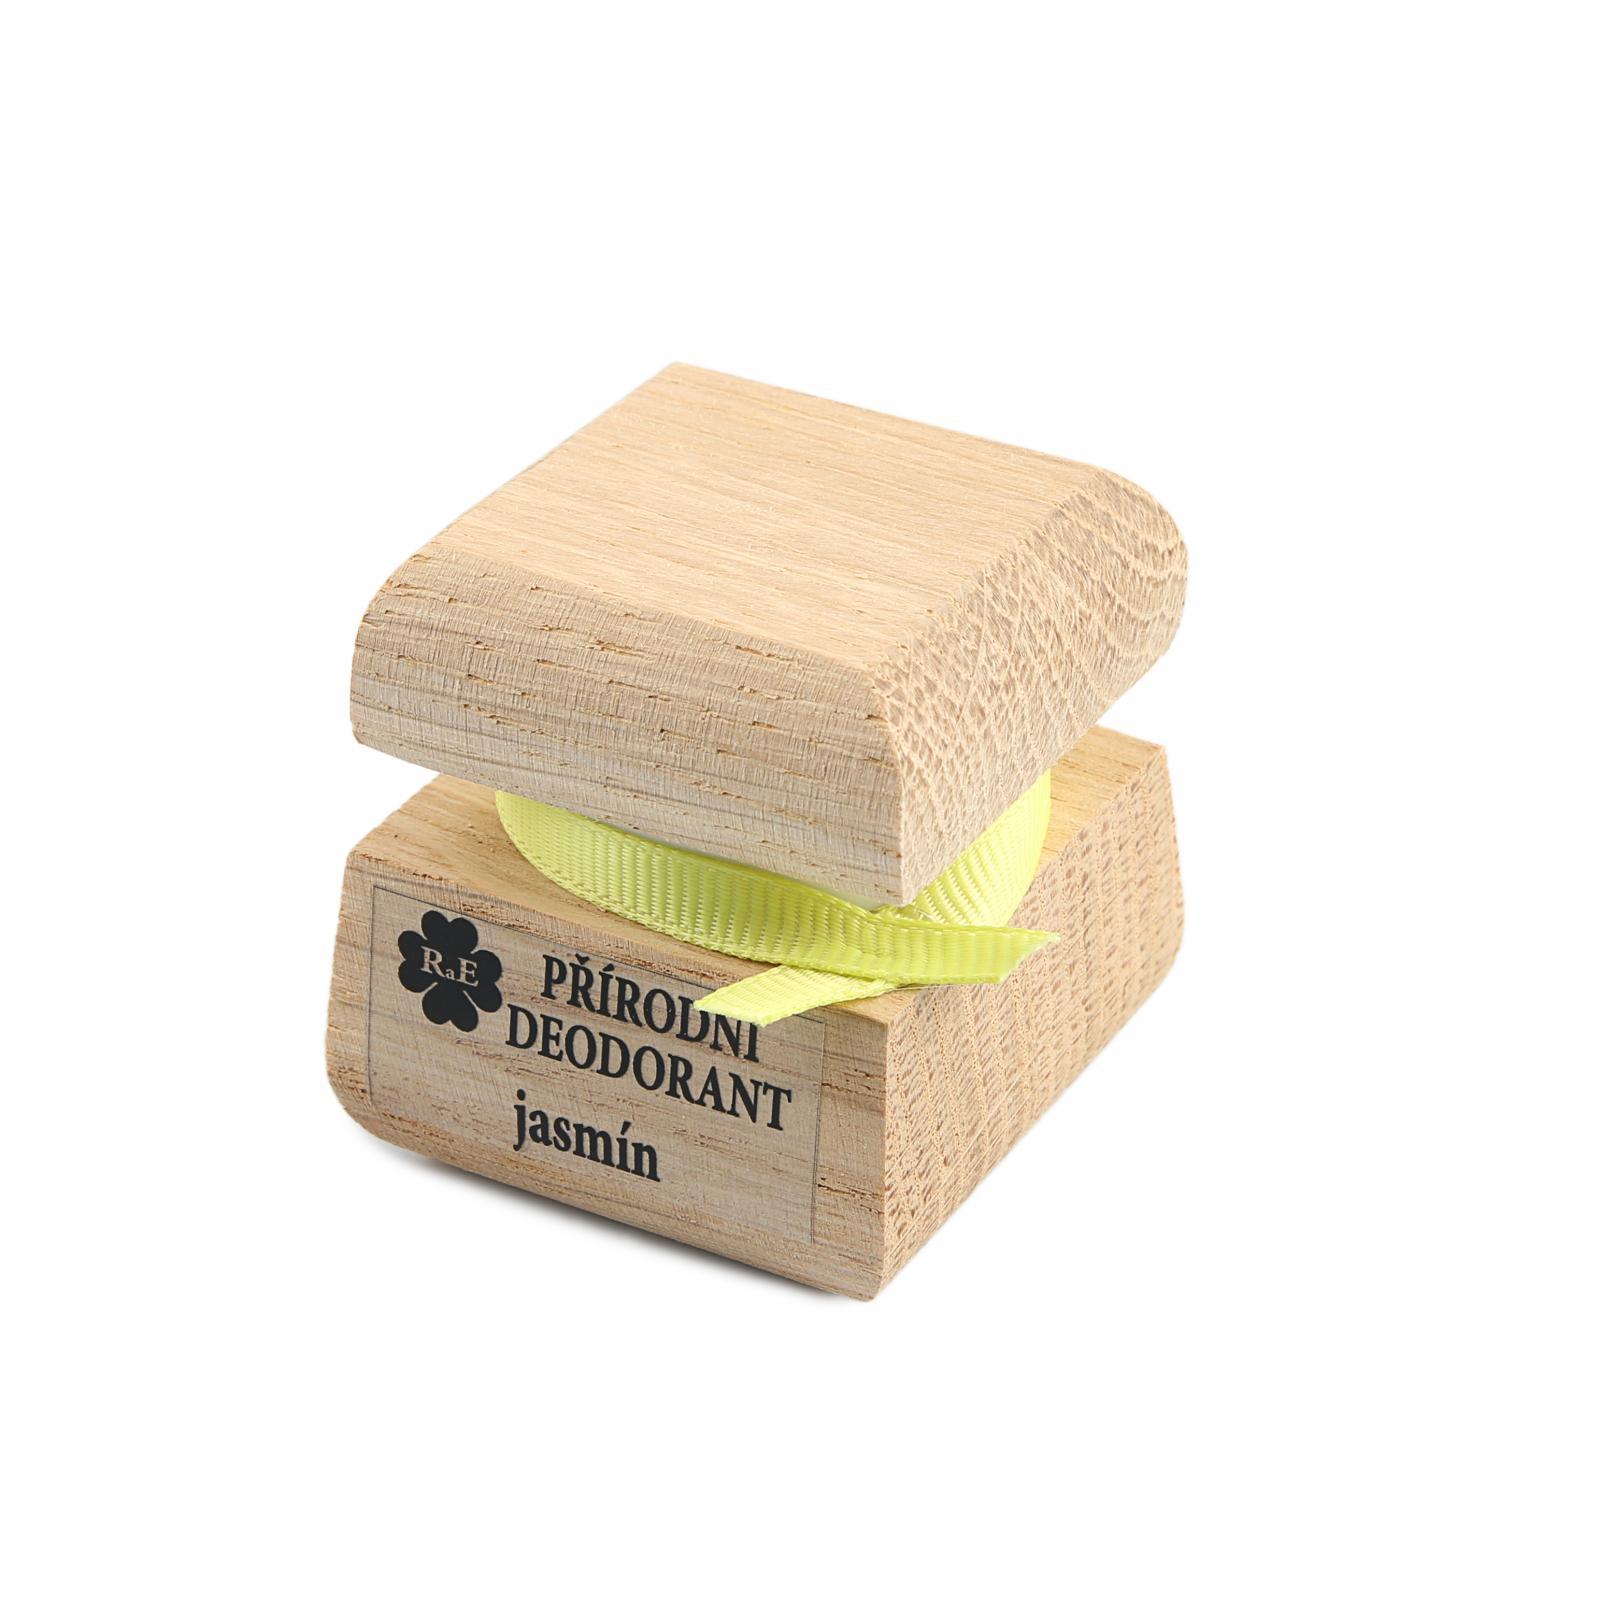 RaE Přírodní krémový deodorant s vůní jasmínu 15 ml dřevěný obal